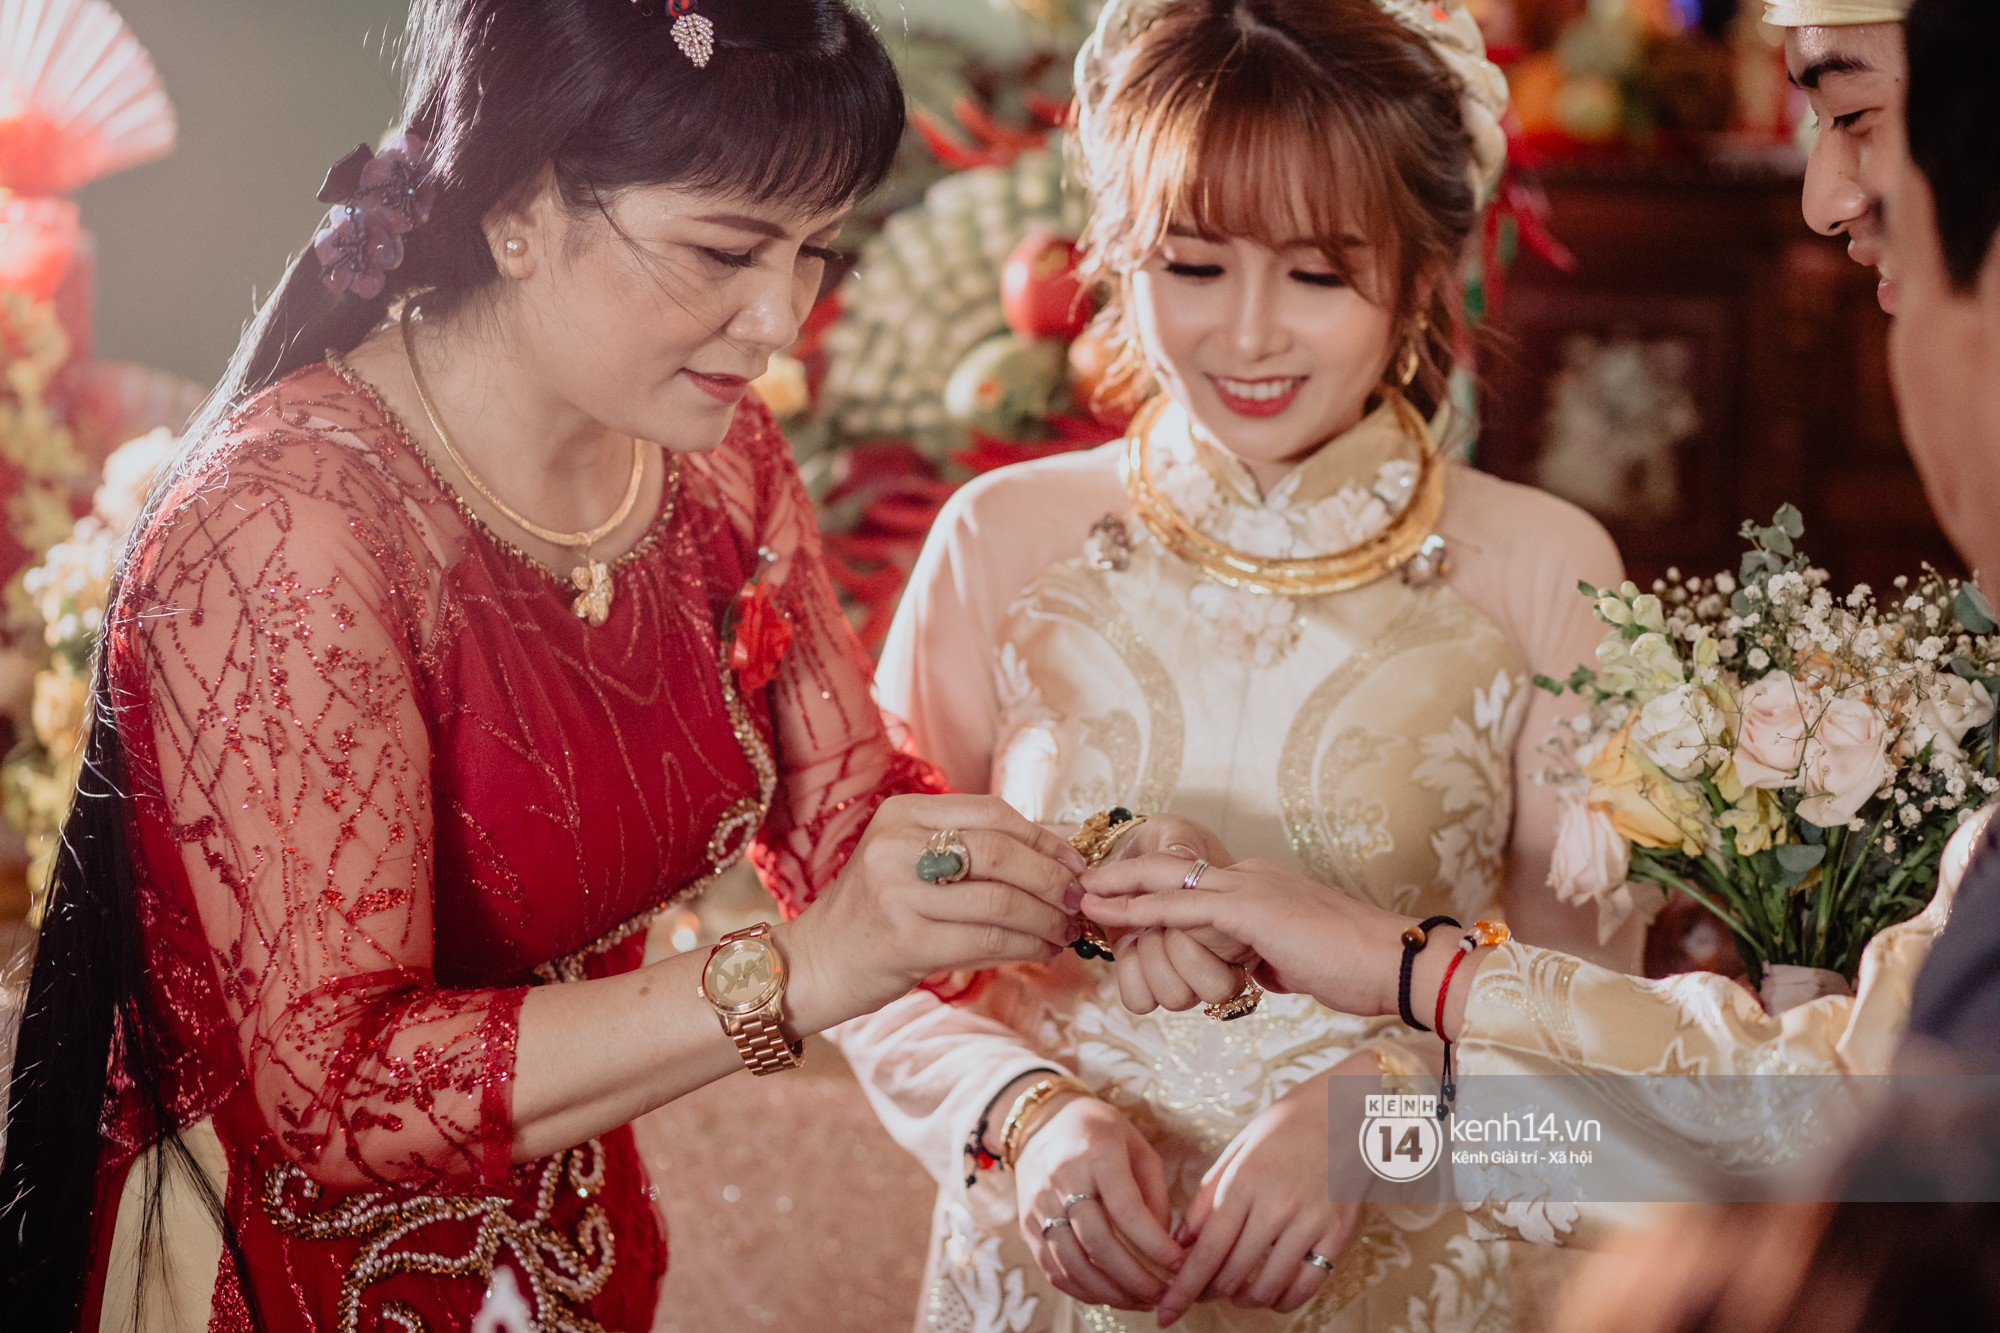 Chùm ảnh rạng rỡ của Cris Phan và Mai Quỳnh Anh trong lễ cưới ở Phú Yên - Ảnh 4.